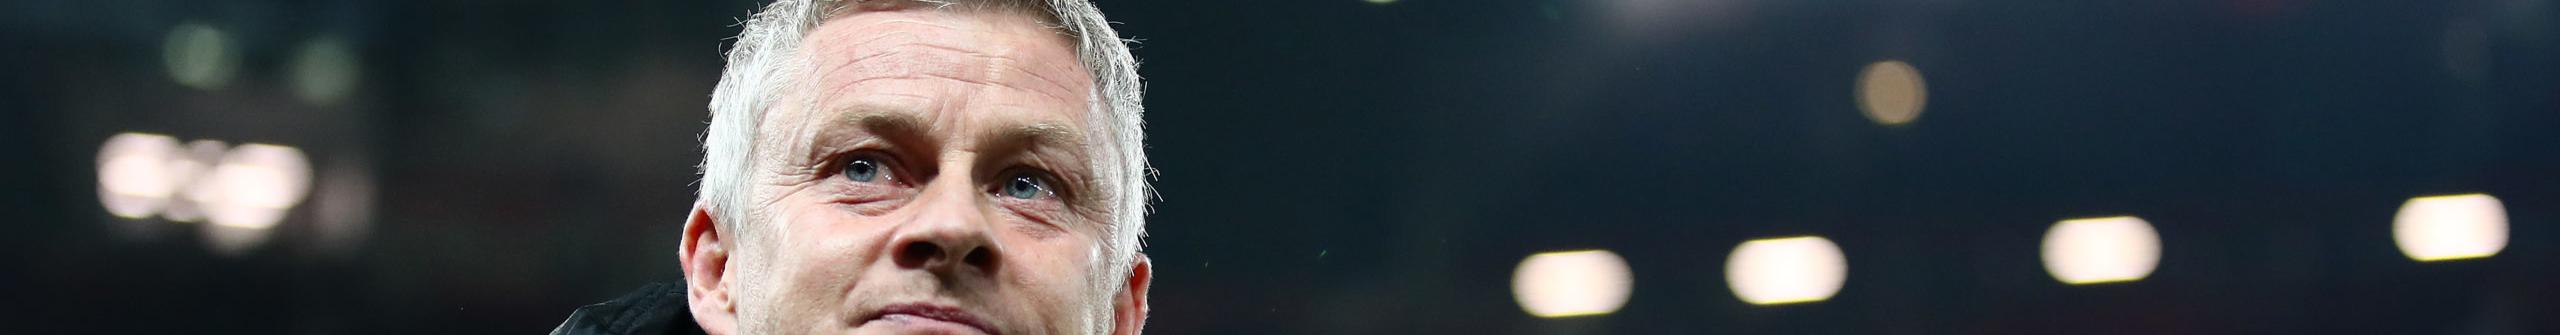 Siviglia-Manchester United, Solskjaer alla caccia del primo trofeo con i Red Devils